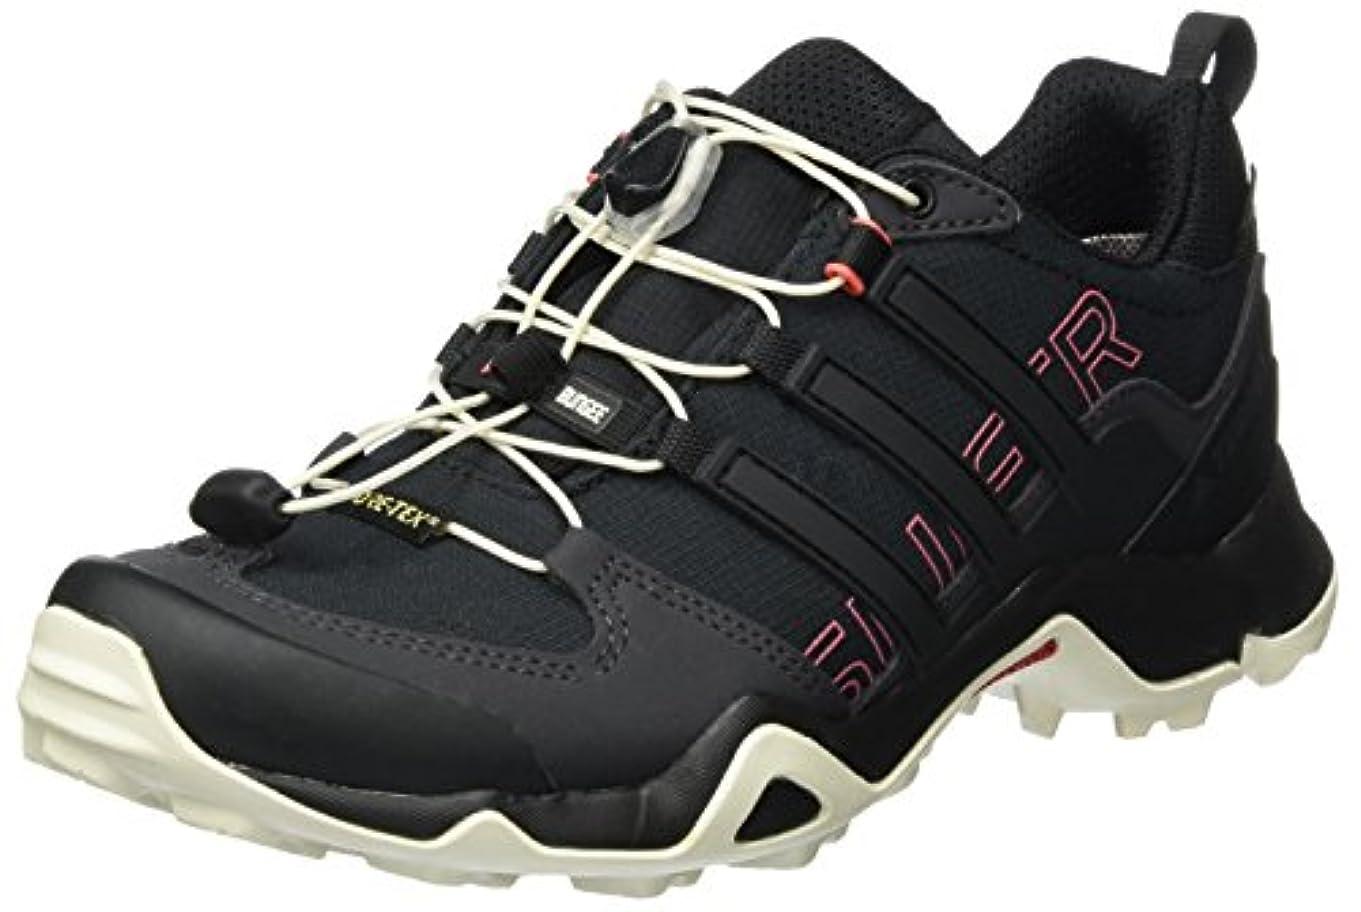 ほのめかすポーチ左[アディダス] TXSWIFT R Gore-Tex ローゴアテックス 登山靴?トレッキング 国内正規品 BB4635 コアブラック/コアブラック/タクティルピンク